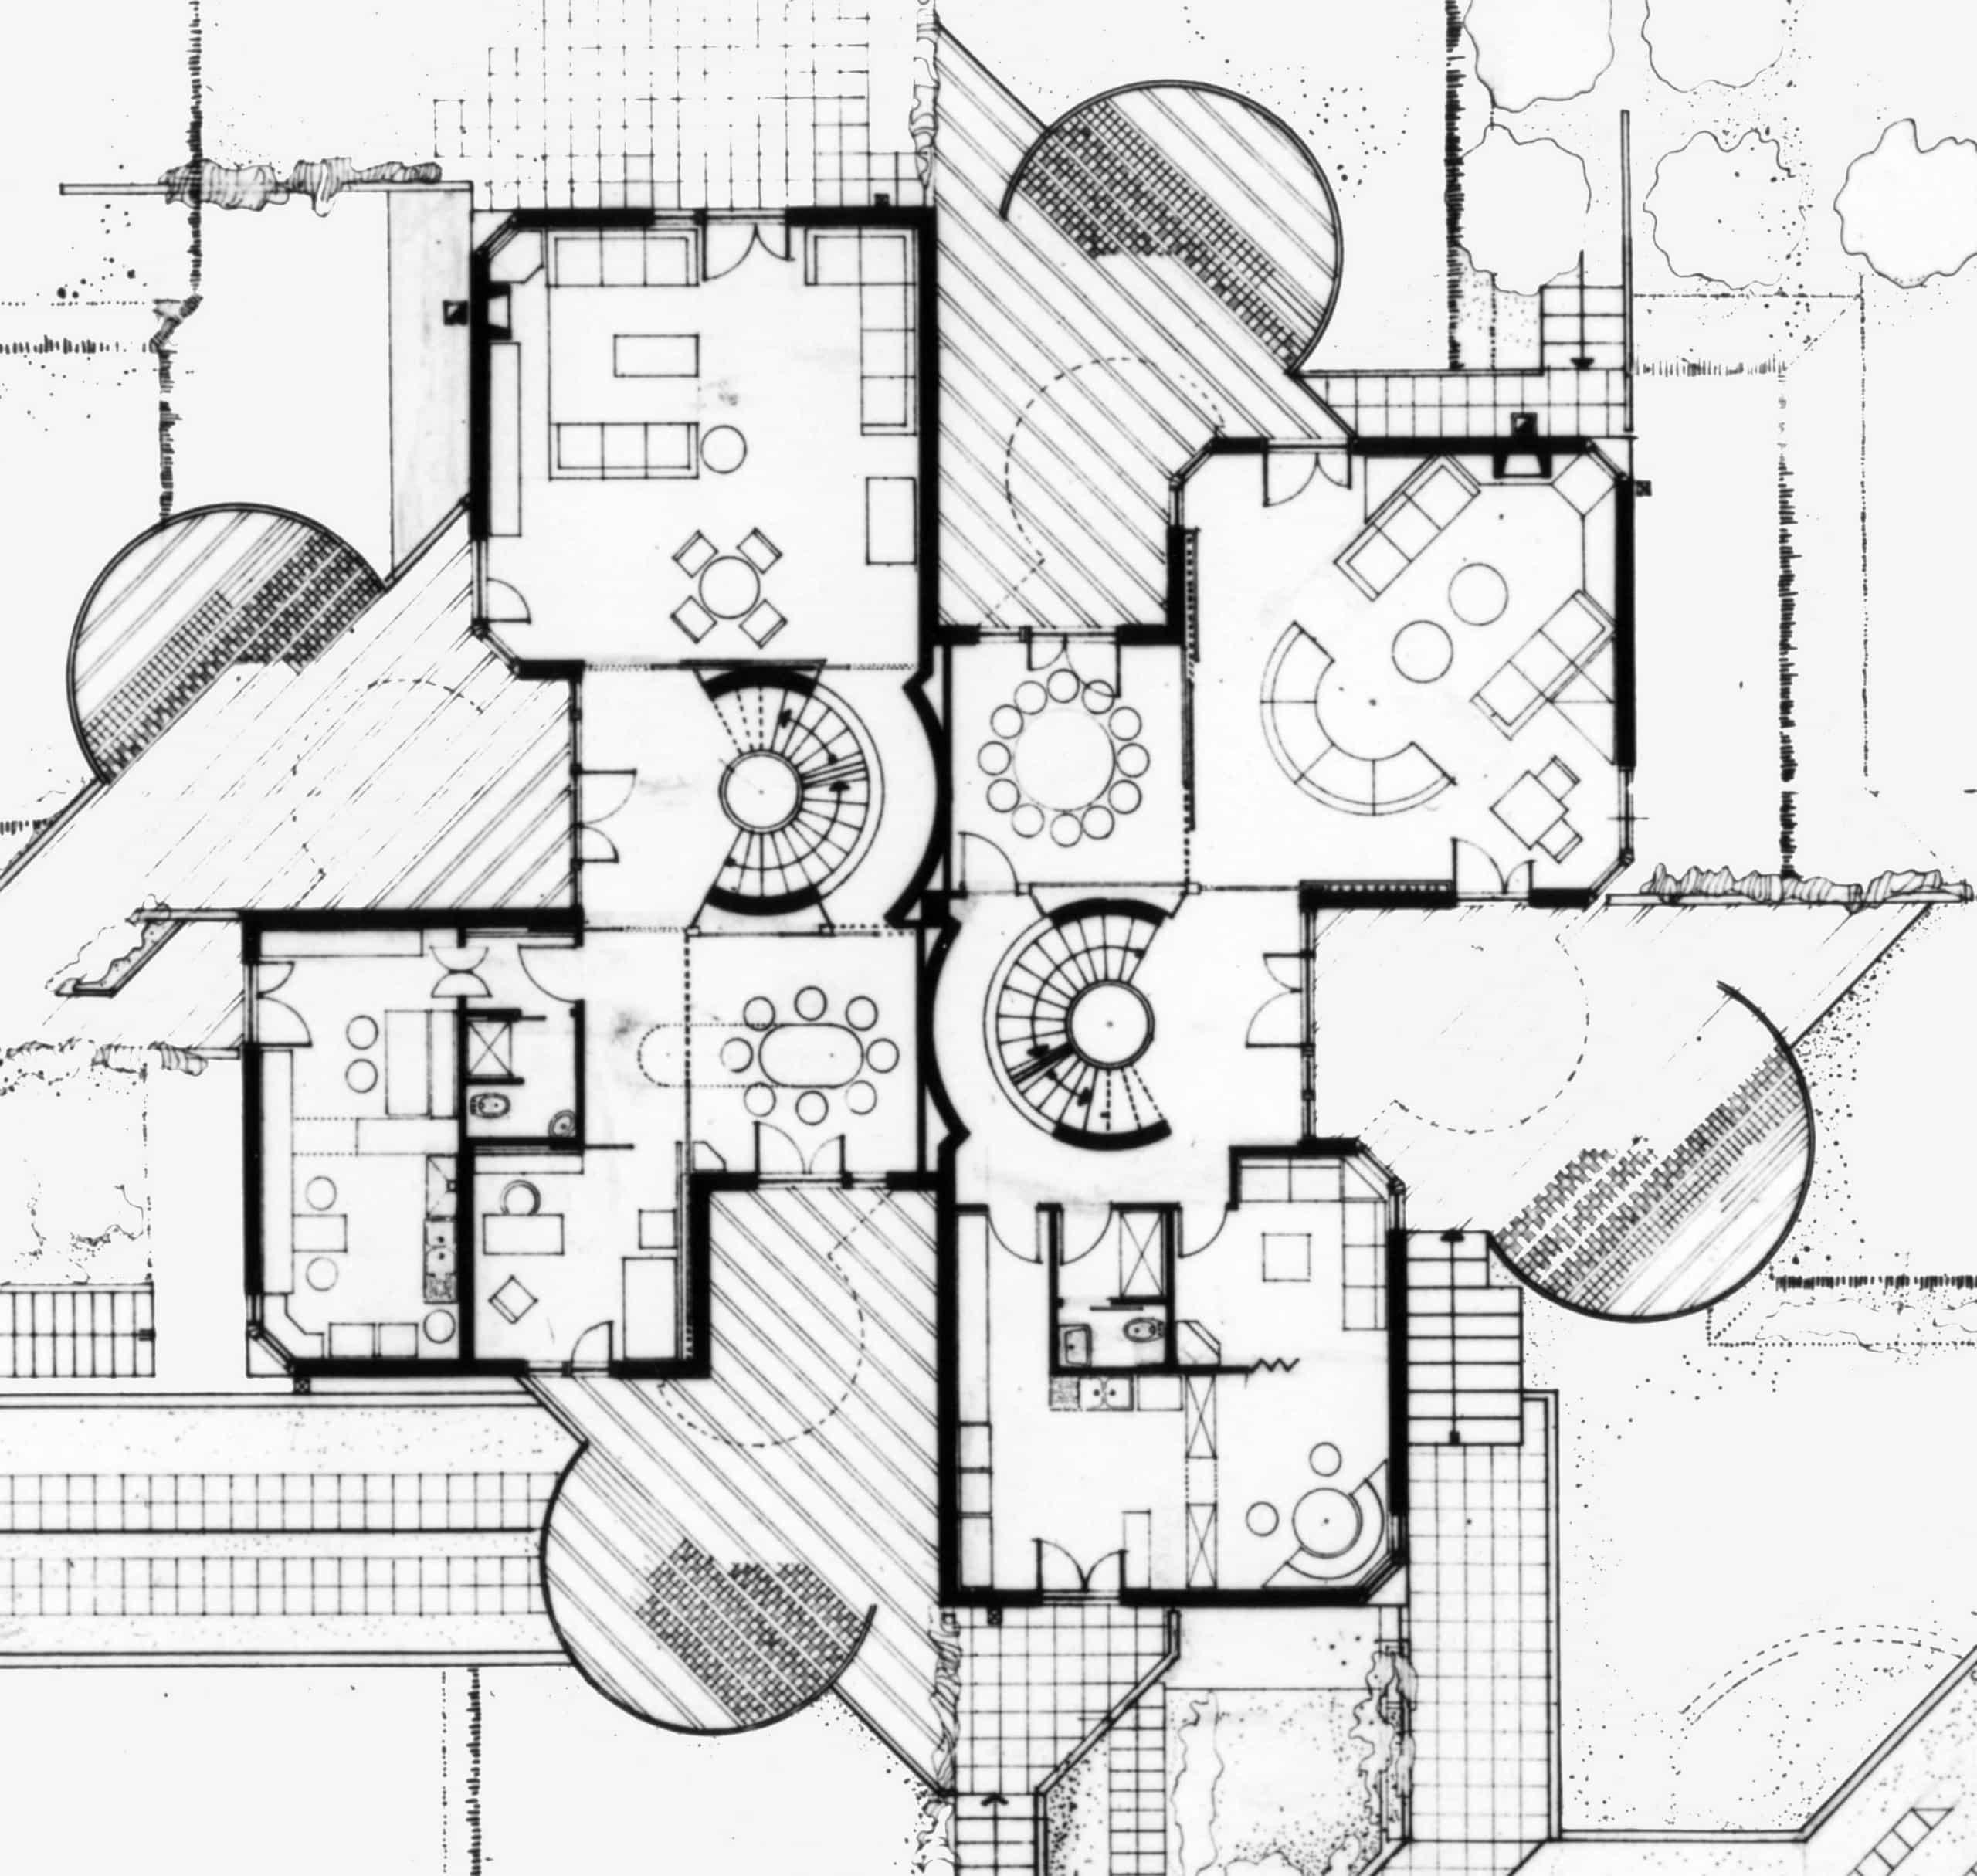 8 - Casa bifamiliare Nir a Roma - Mostacciano; con GC. Pediconi - Pianta